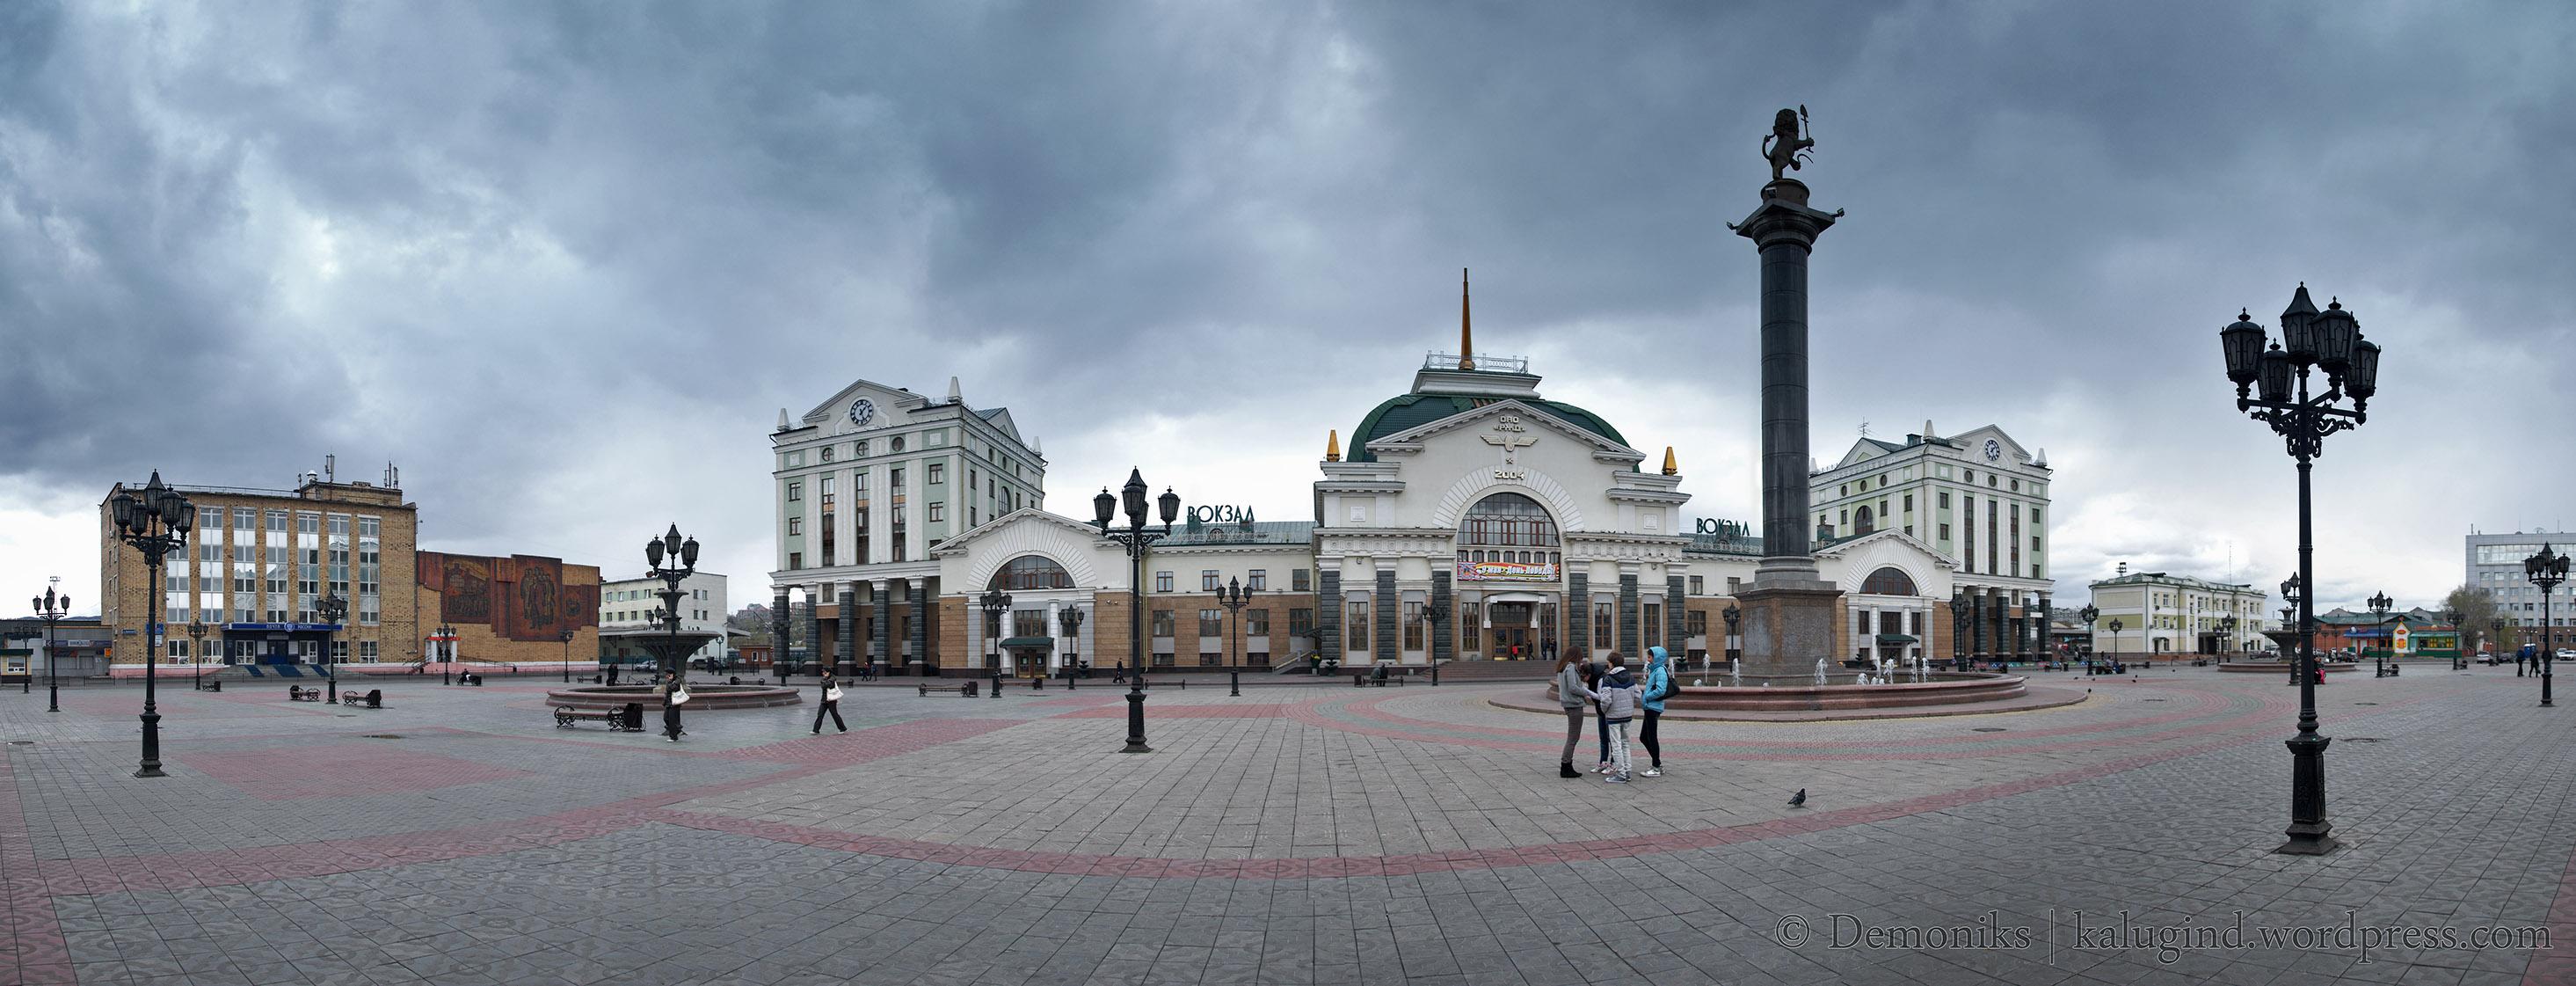 фотографии красноярска: